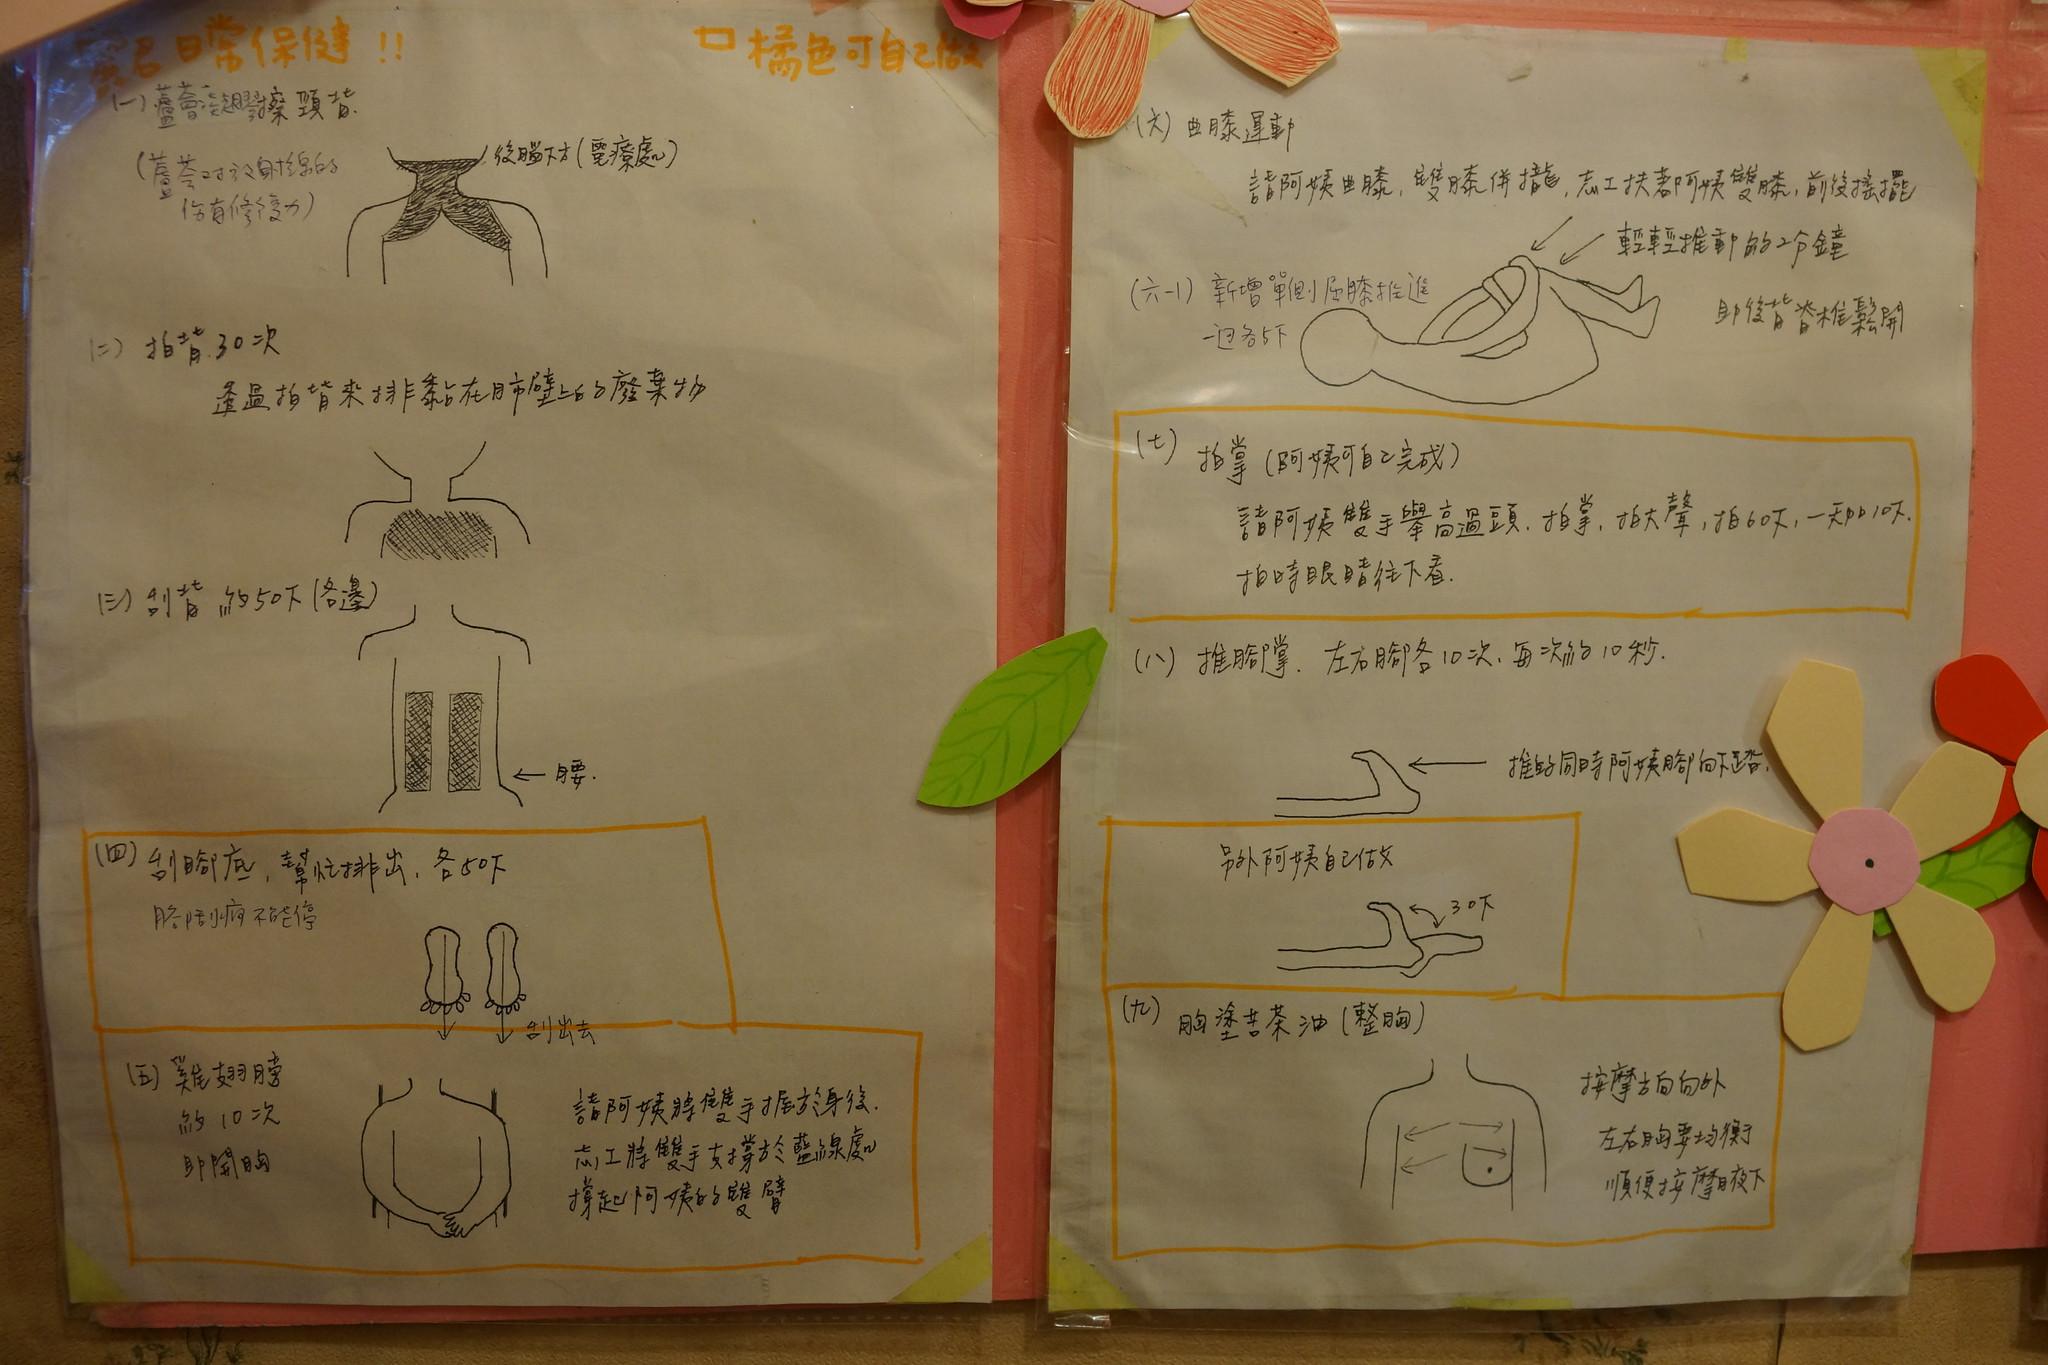 日日春組織義工陪伴老公娼們走過人生最後一段路,辦公室牆上貼有各種照顧方法的提示說明字條。(攝影:王顥中)